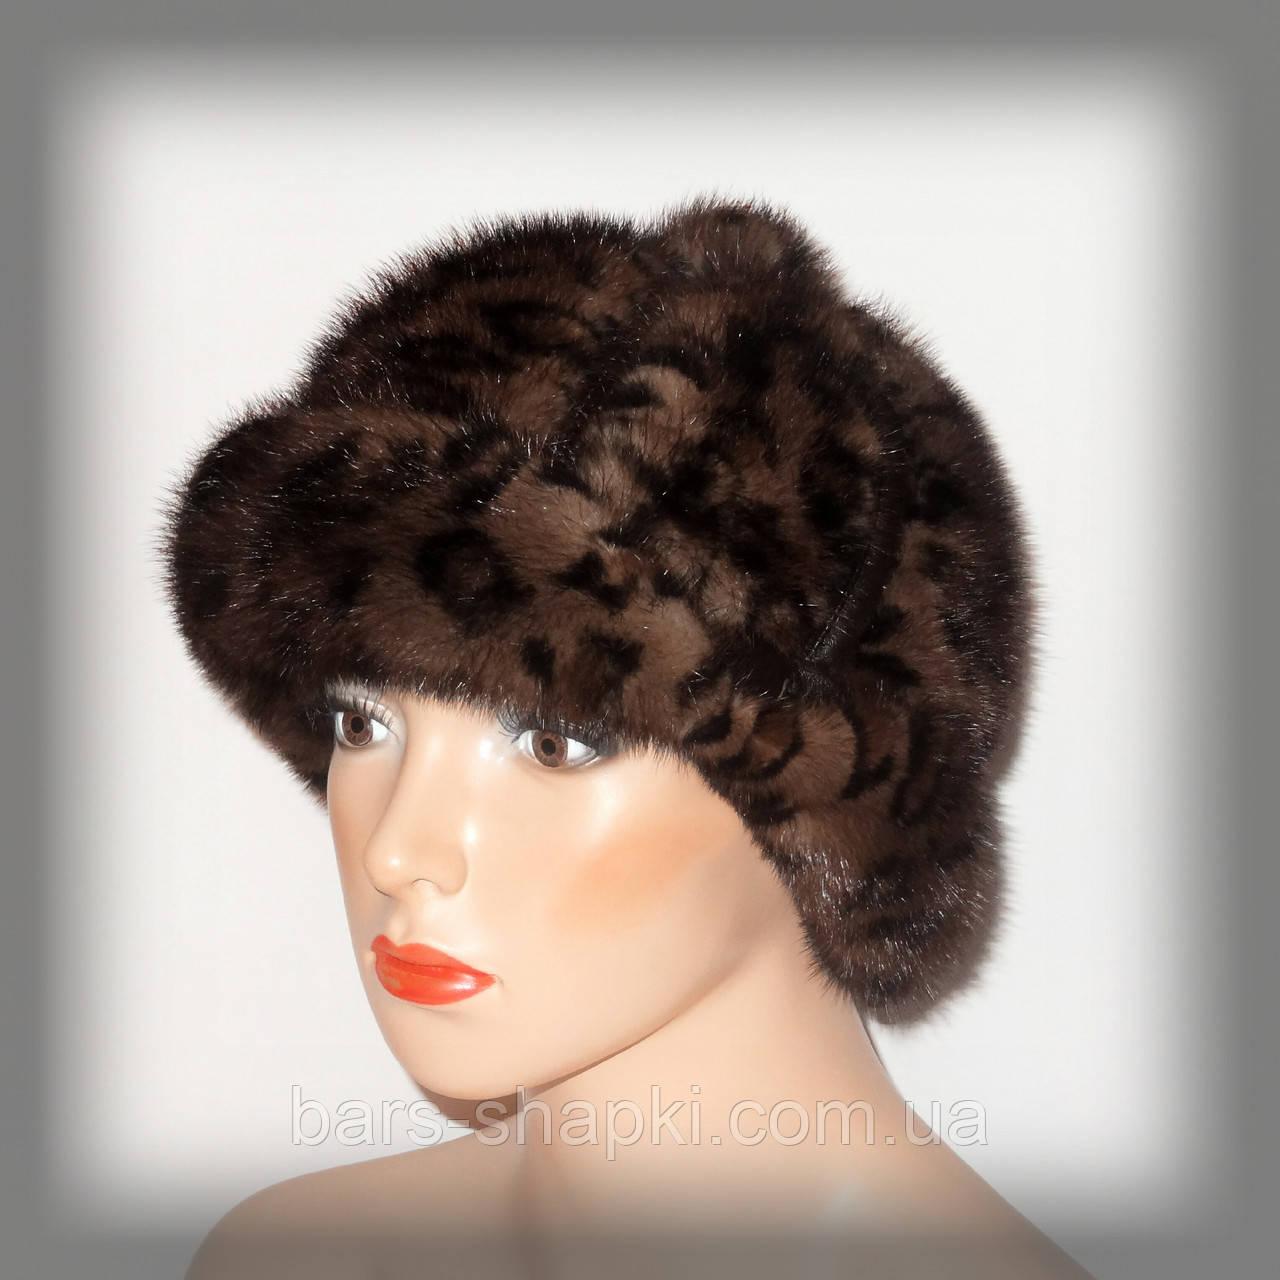 Женская меховая шапка из леопардовой норки